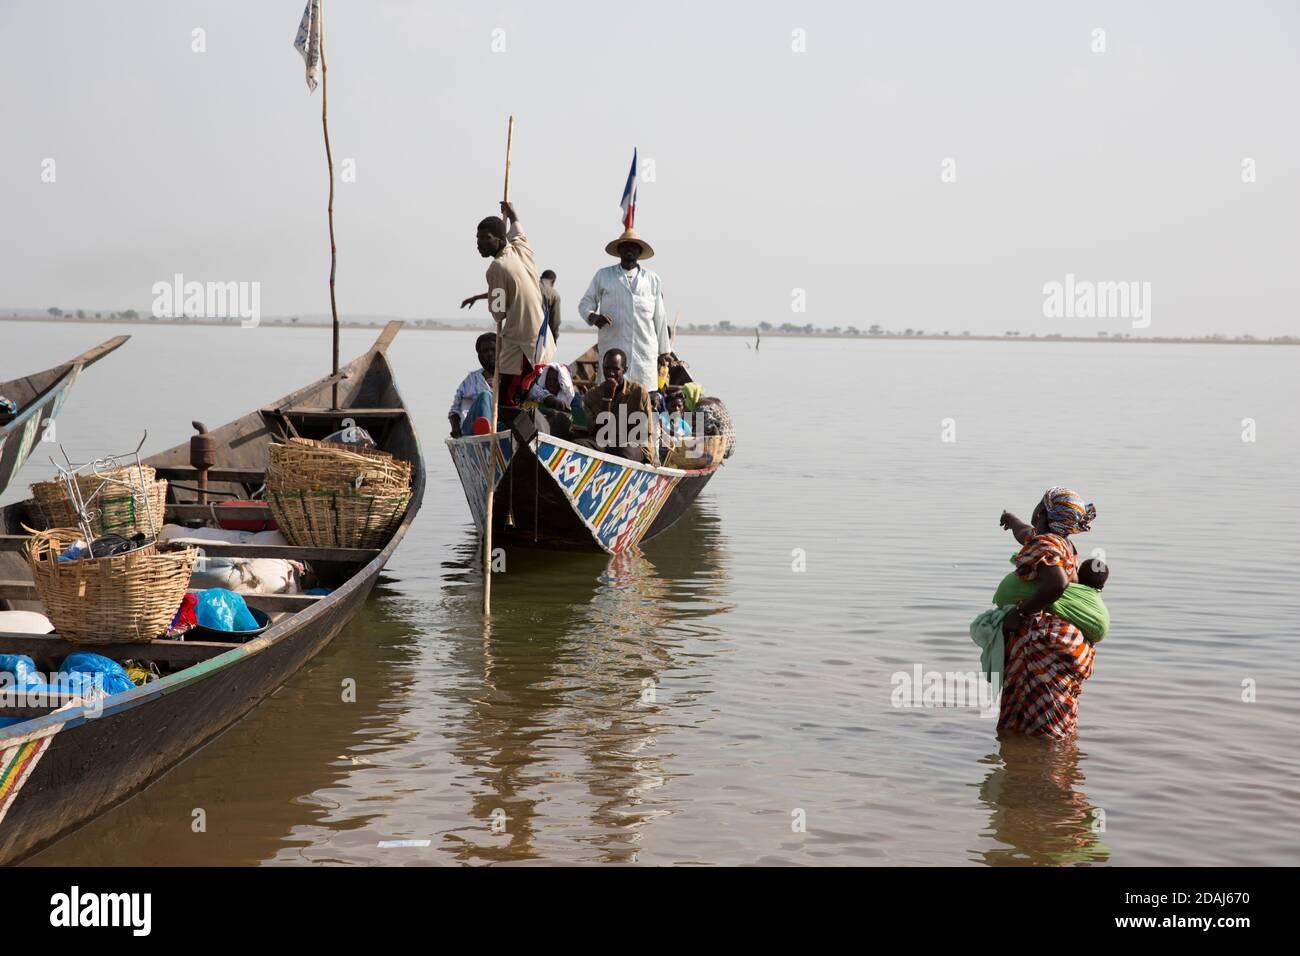 Selingue, Mali, le 25 avril 2015; Cariere village sur le lac barrage est un village de pêcheurs. Aujourd'hui, les bateaux transportent des gens vers d'autres villages sur le lac comme Sogodogala pour le jour du marché dans la ville de Selingue. Le trajet coûte 750 CFA par personne pour un aller-retour. Banque D'Images